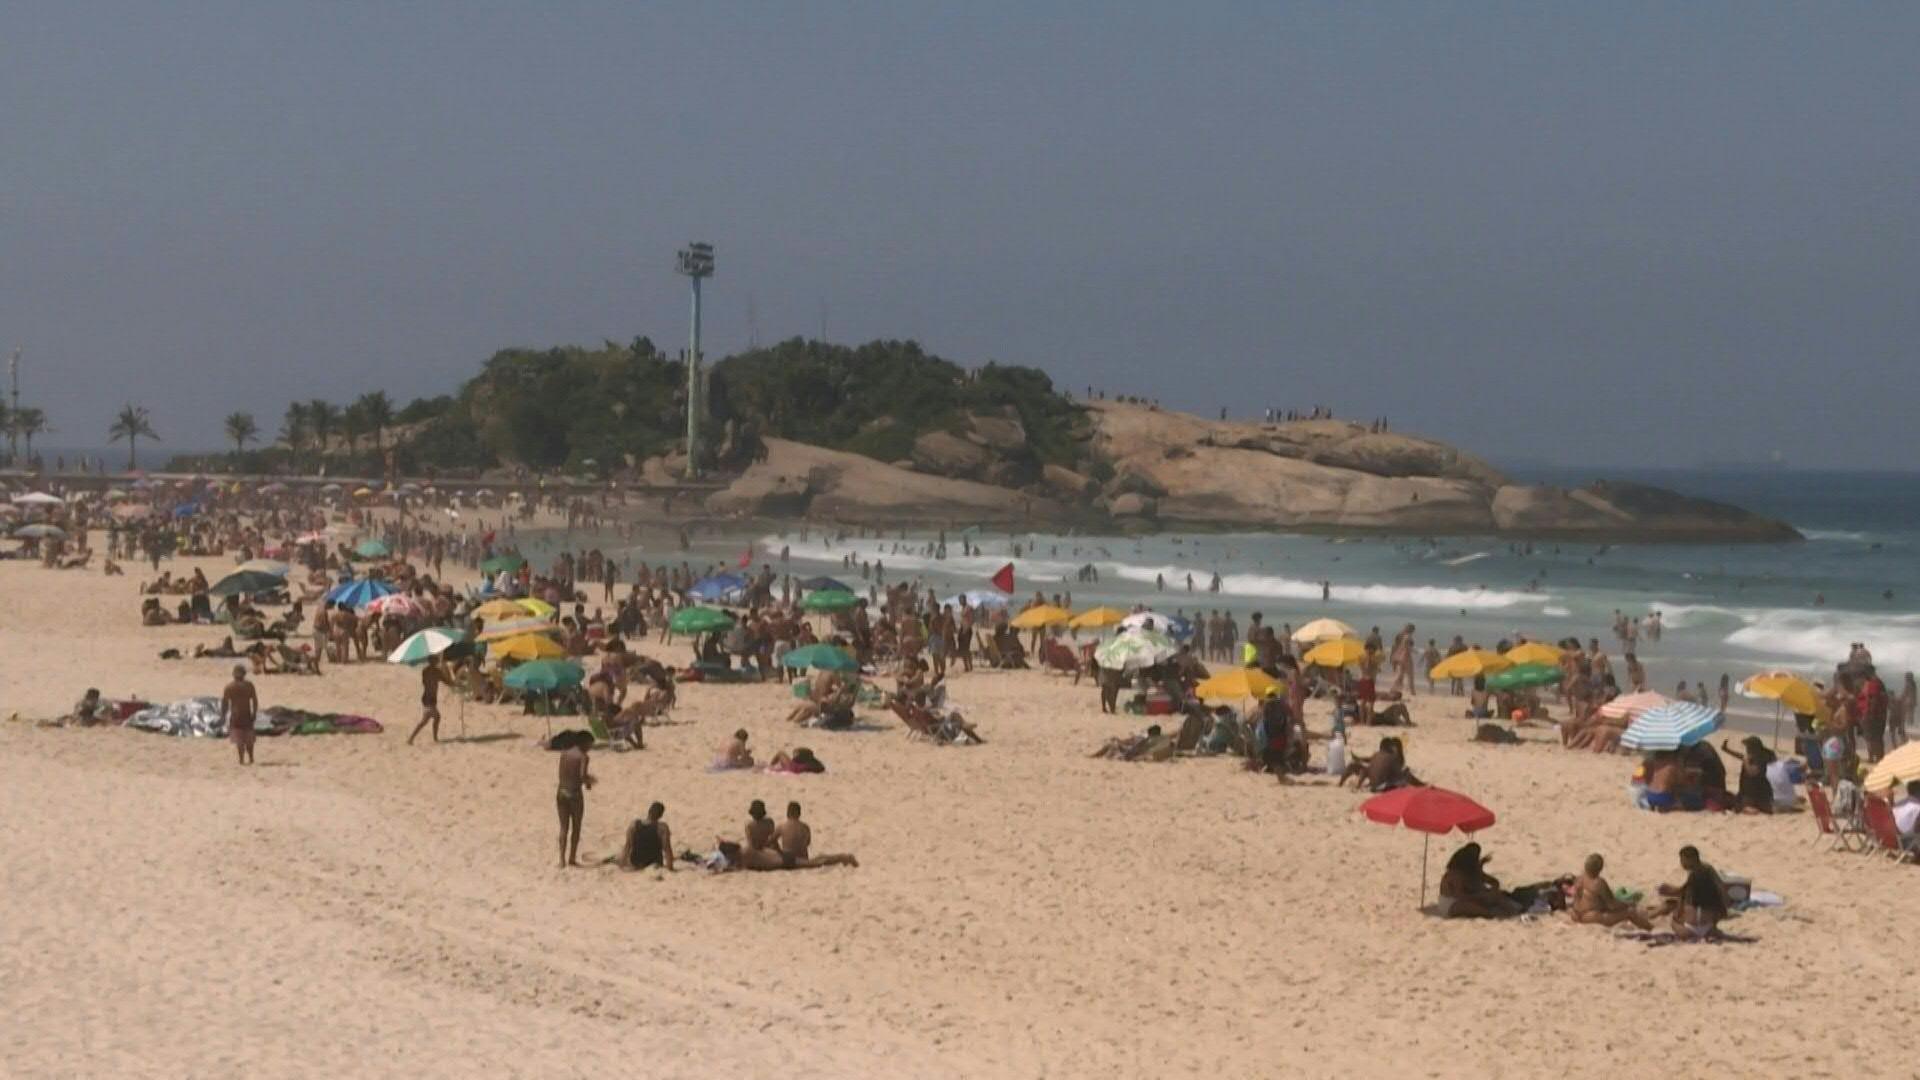 El turismo interno se reactivó este fin de semana debido al feriado del lunes por la Independencia de Brasil.